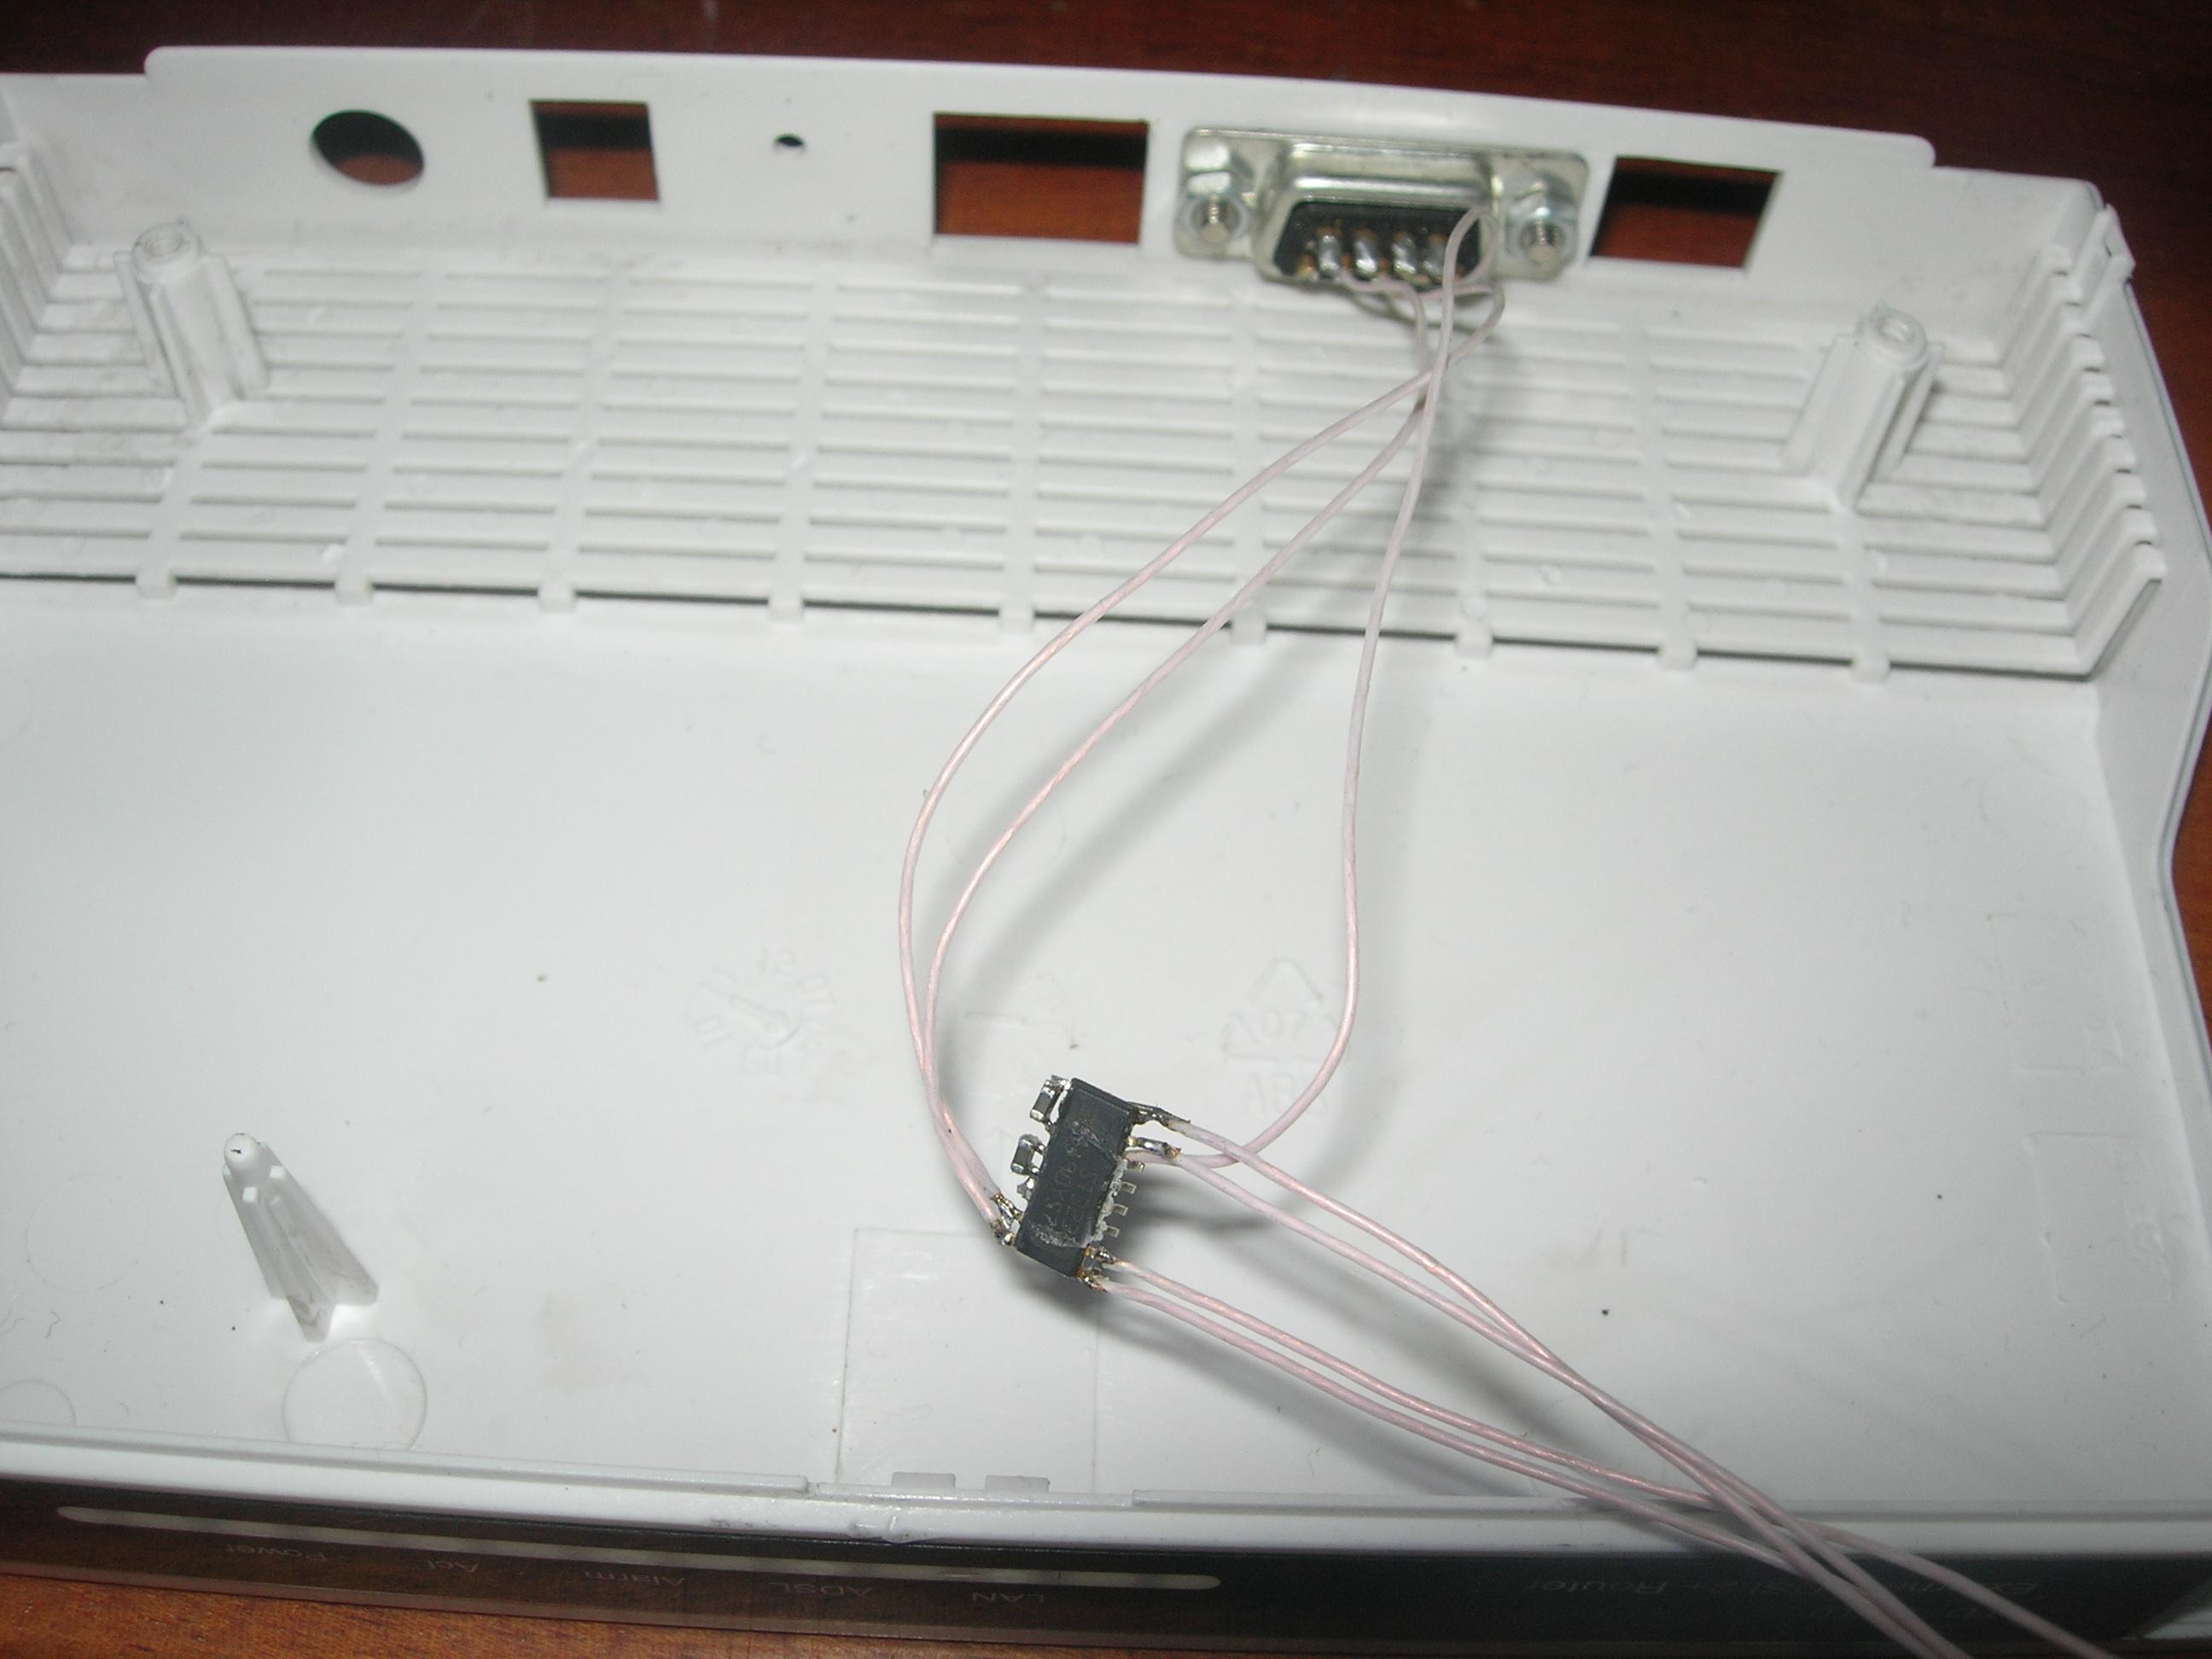 схема нульмодемного кабеля для openbox